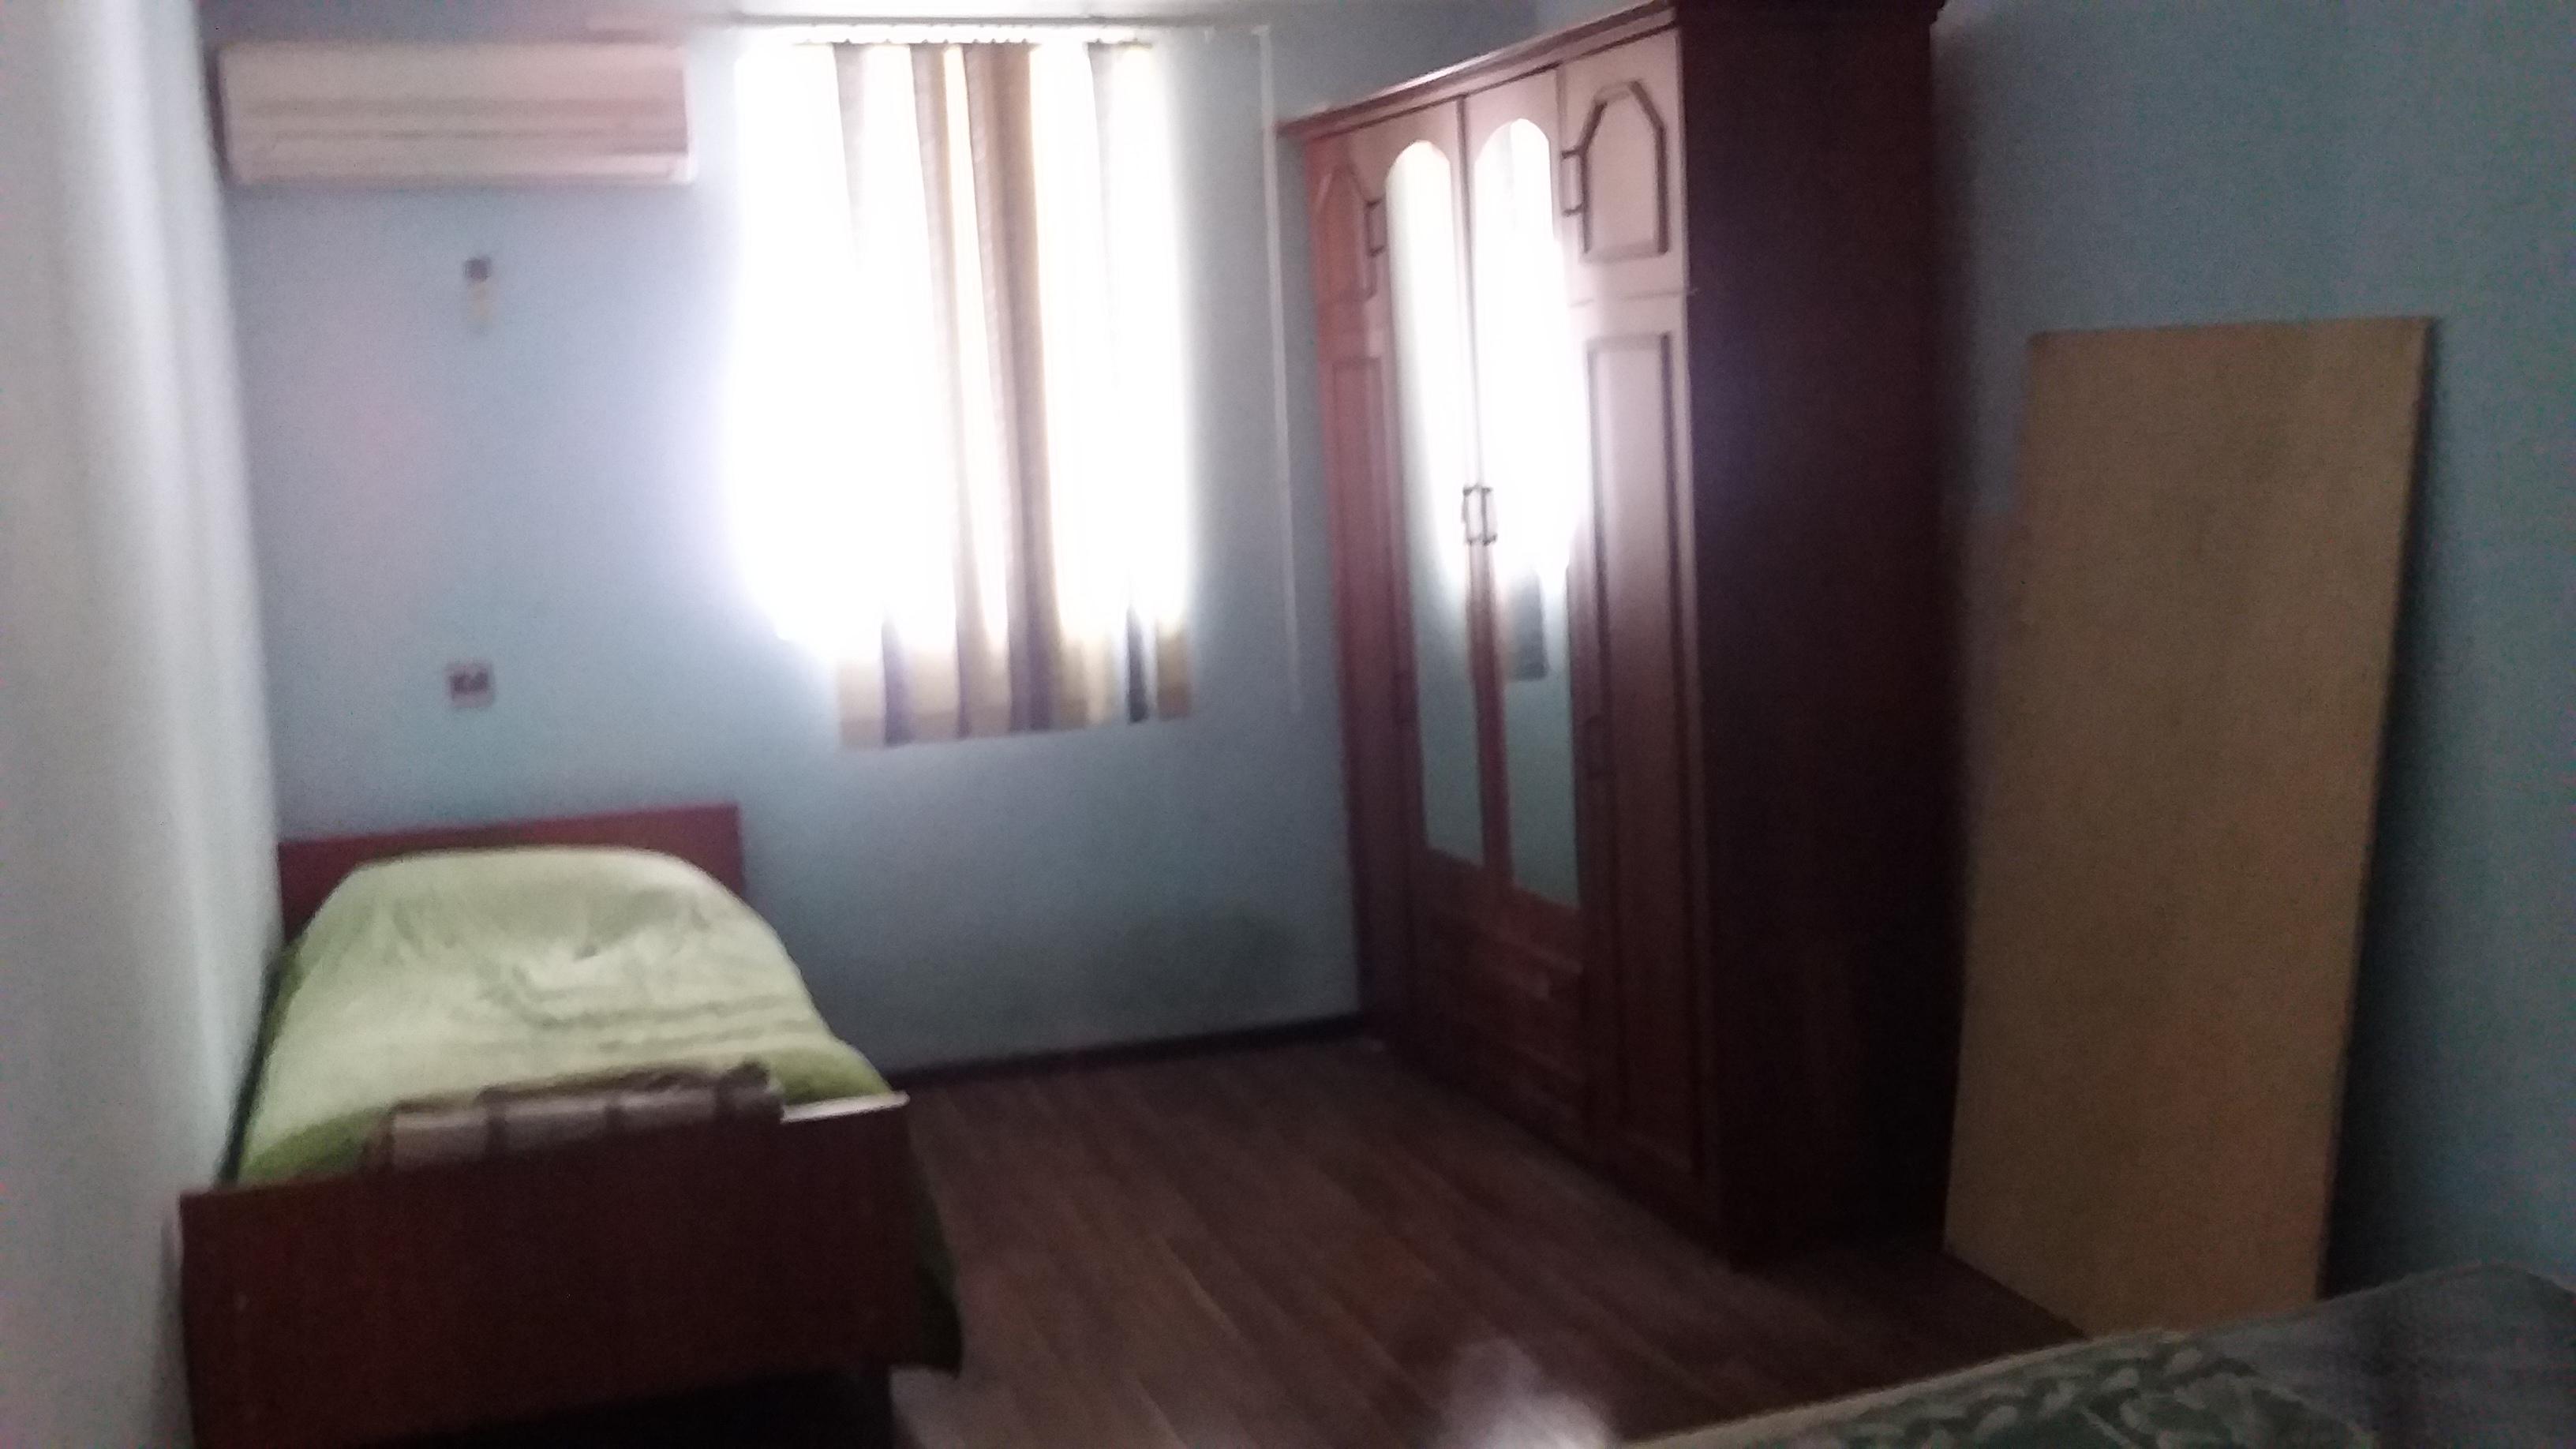 Nermanov rayonu Capayev erazisinde 2 otaqli heyet evi